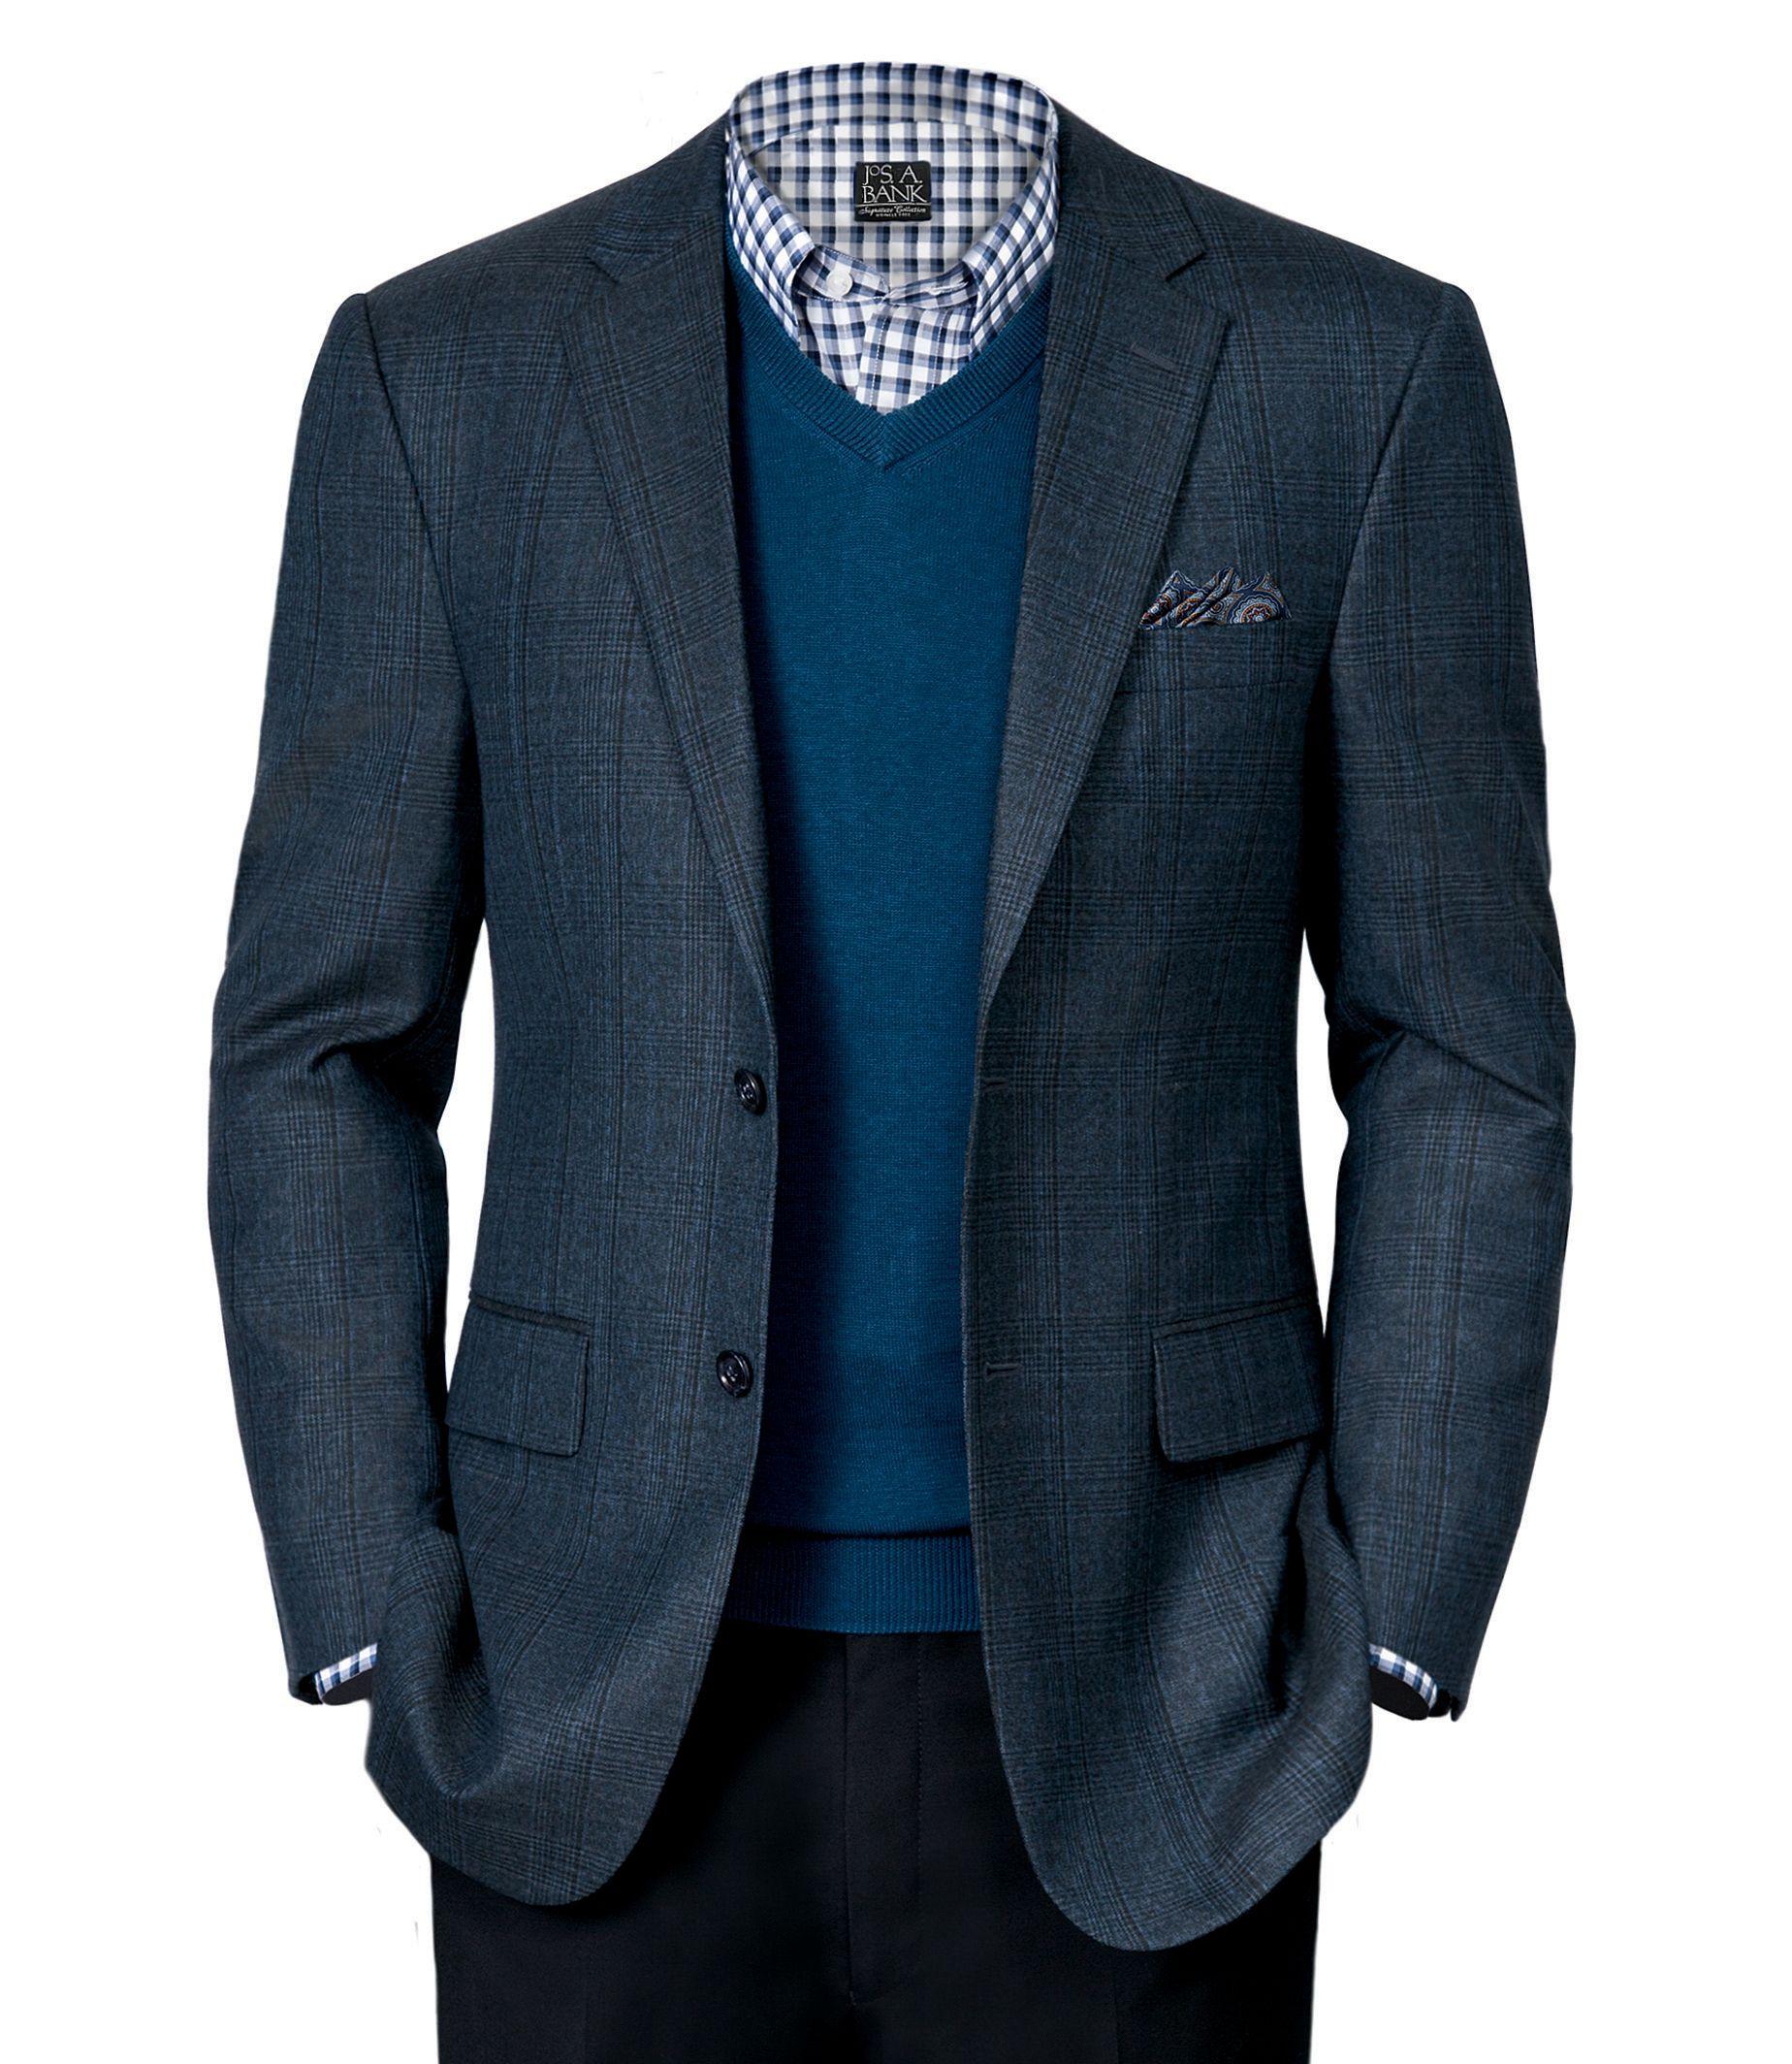 Signature Tailored Fit Sportcoat